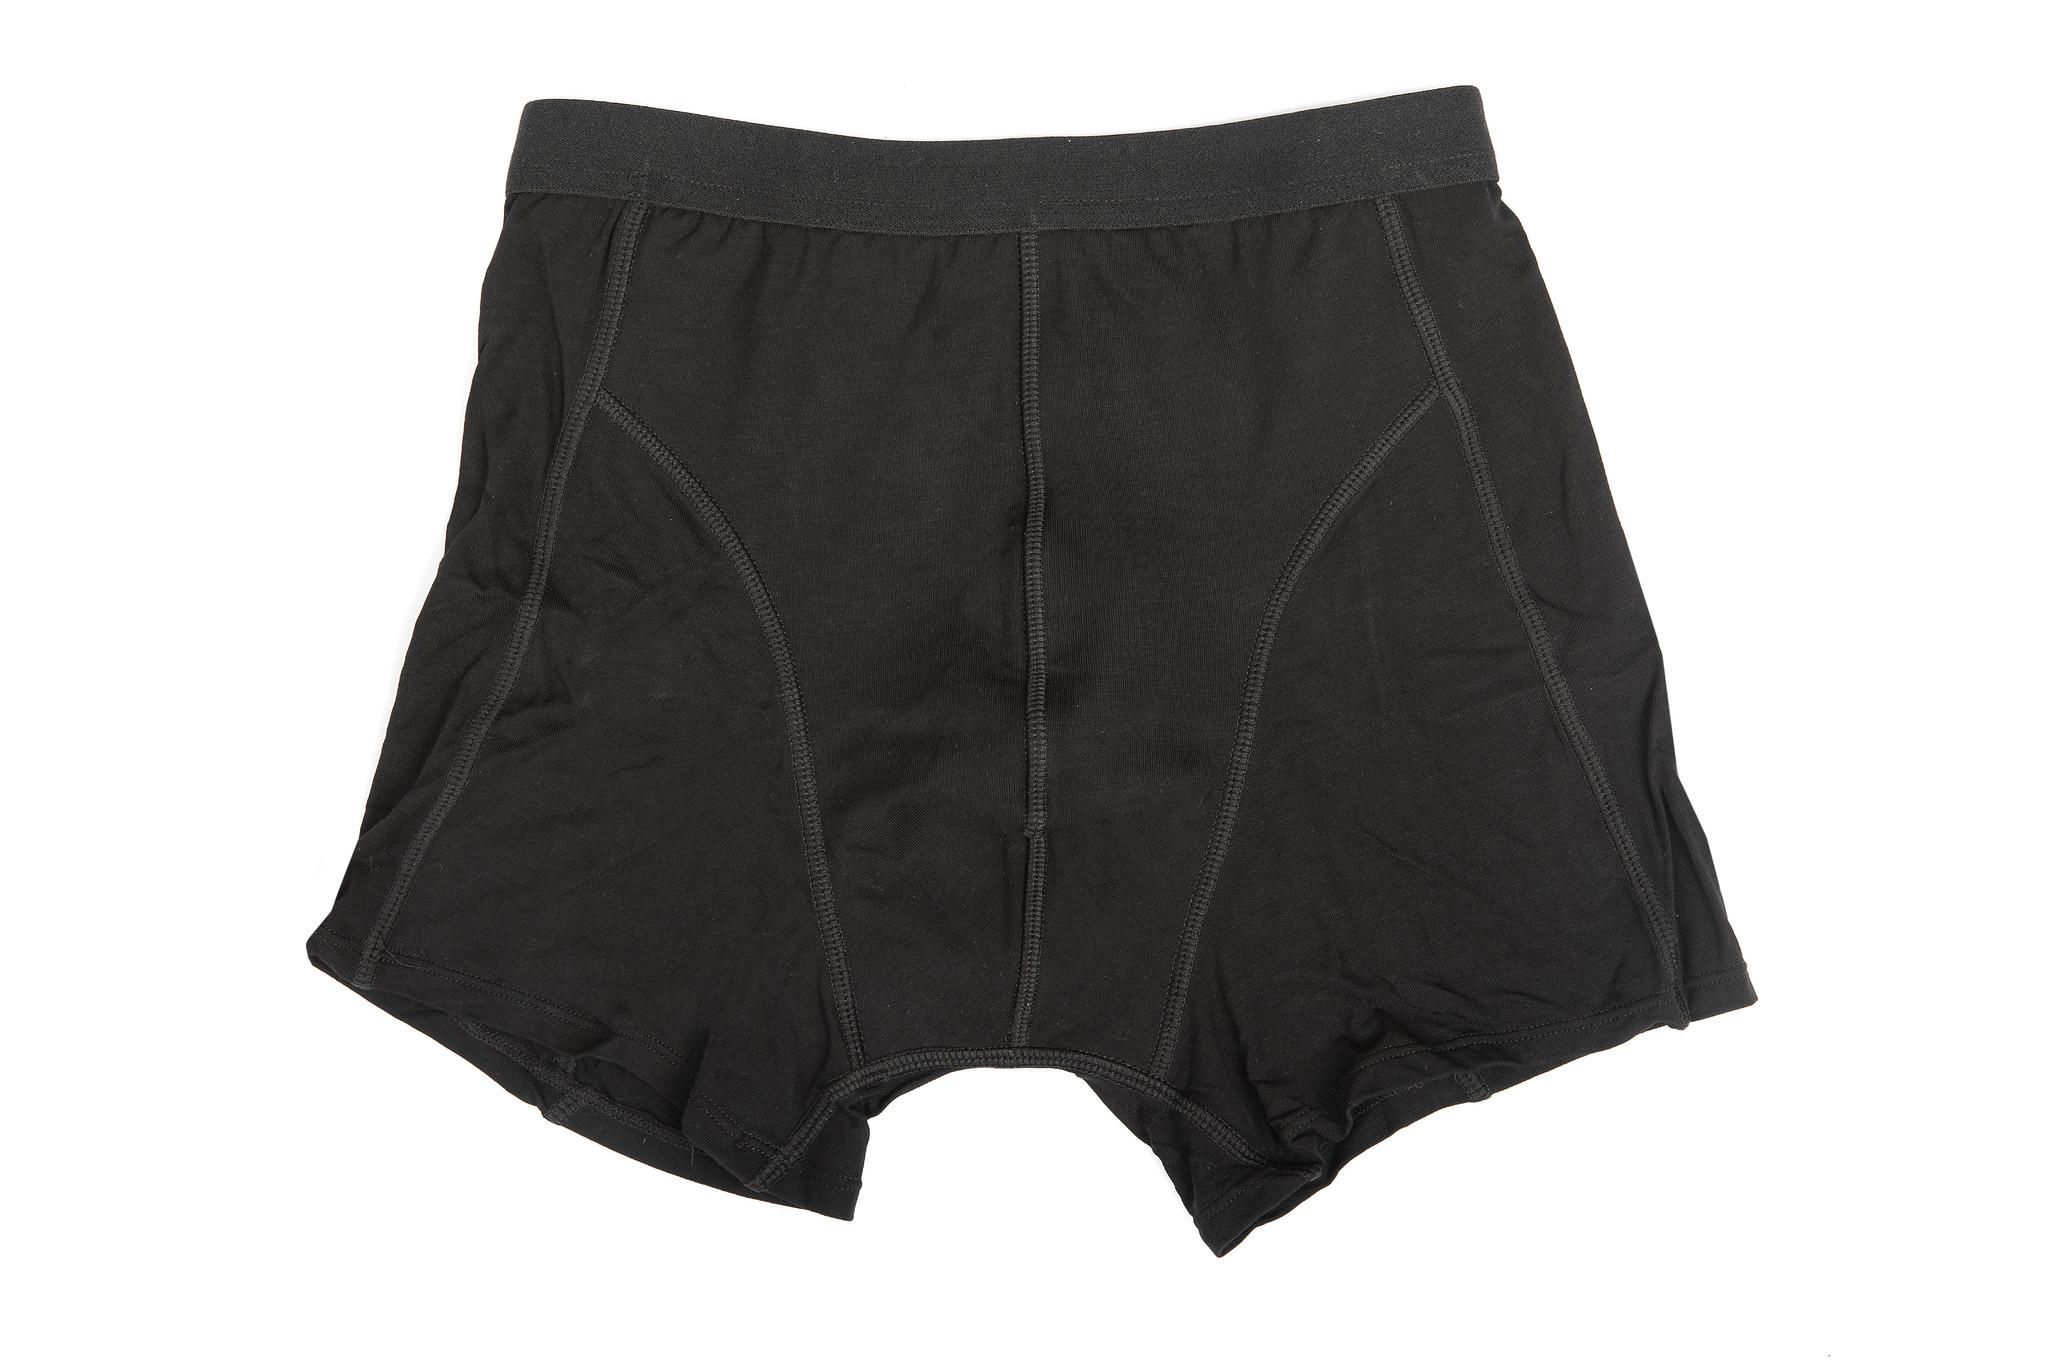 Swaens Bamboo Underwear Junge-Boxer Schwarz  - 5 Stück